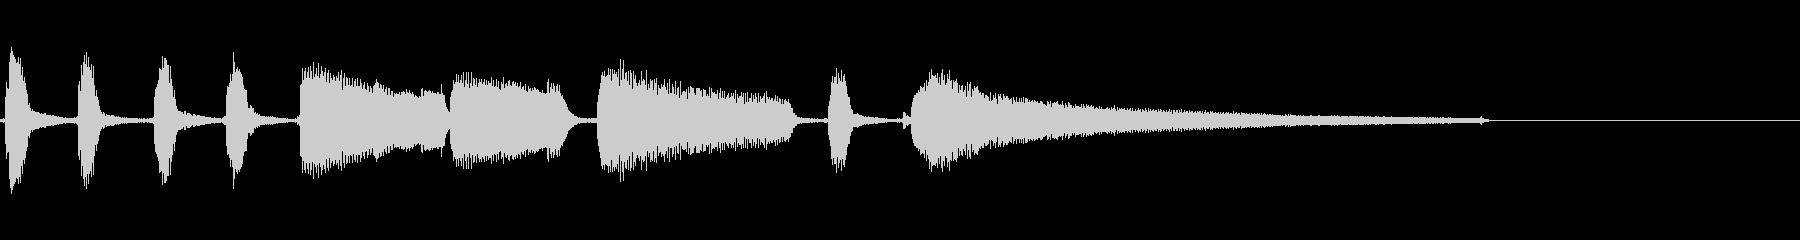 エレキギターの穏やかなジングルの未再生の波形